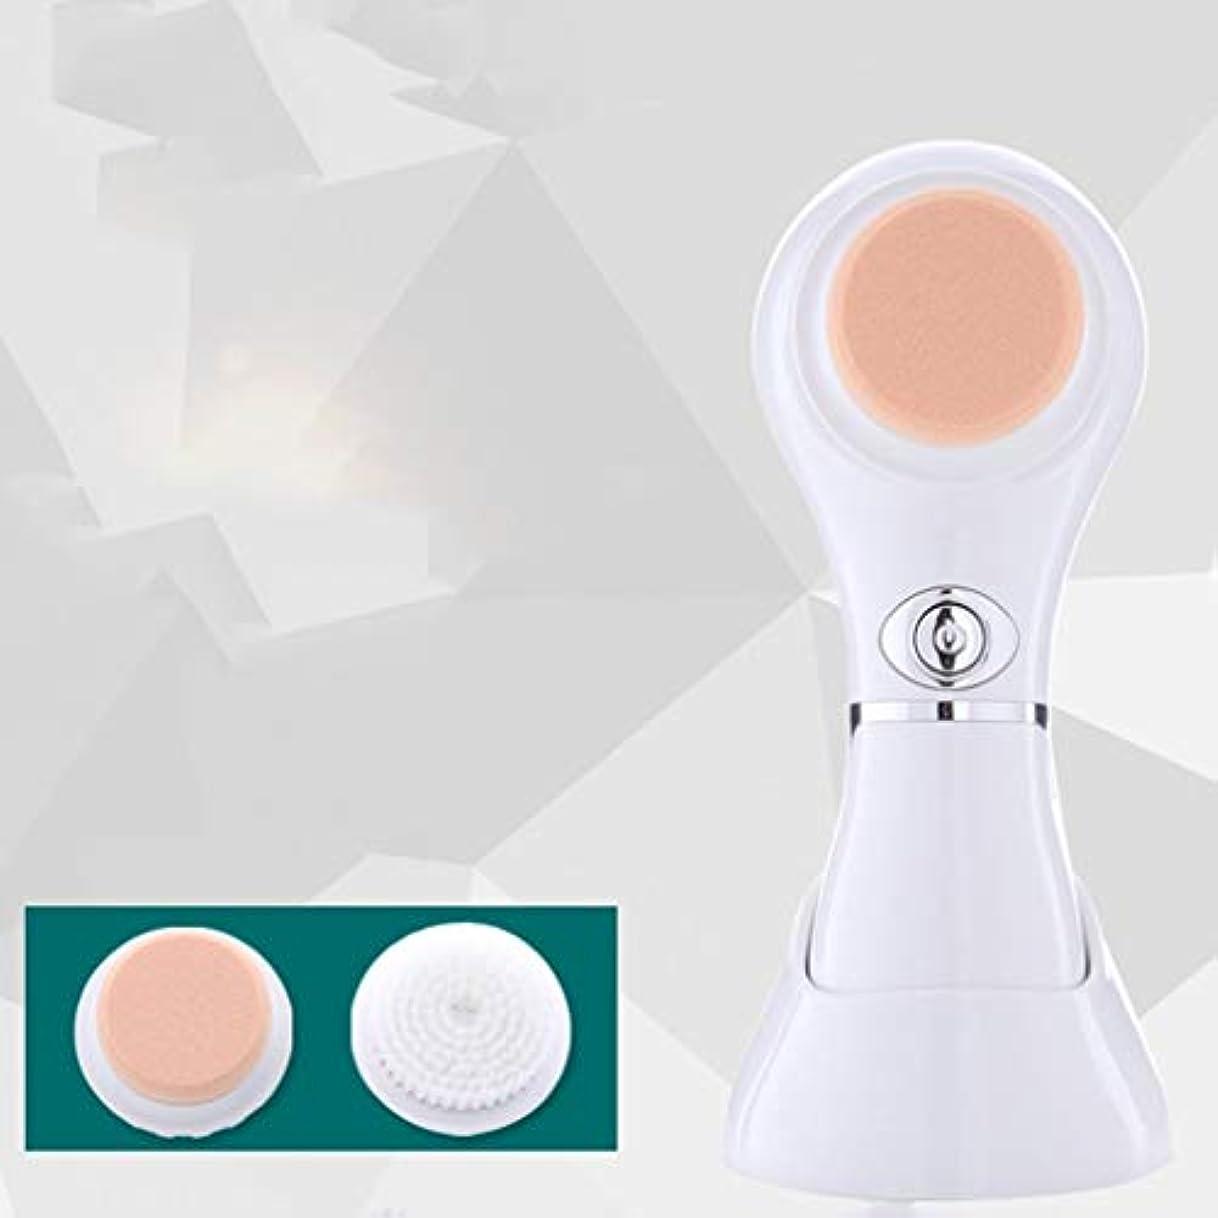 ラウンジパールボイラーディープクレンジングブラシ、高度な振動テクノロジーを備えた電気美肌マッサージクリア化粧品の残留物が肌を若返らせます (Color : White)